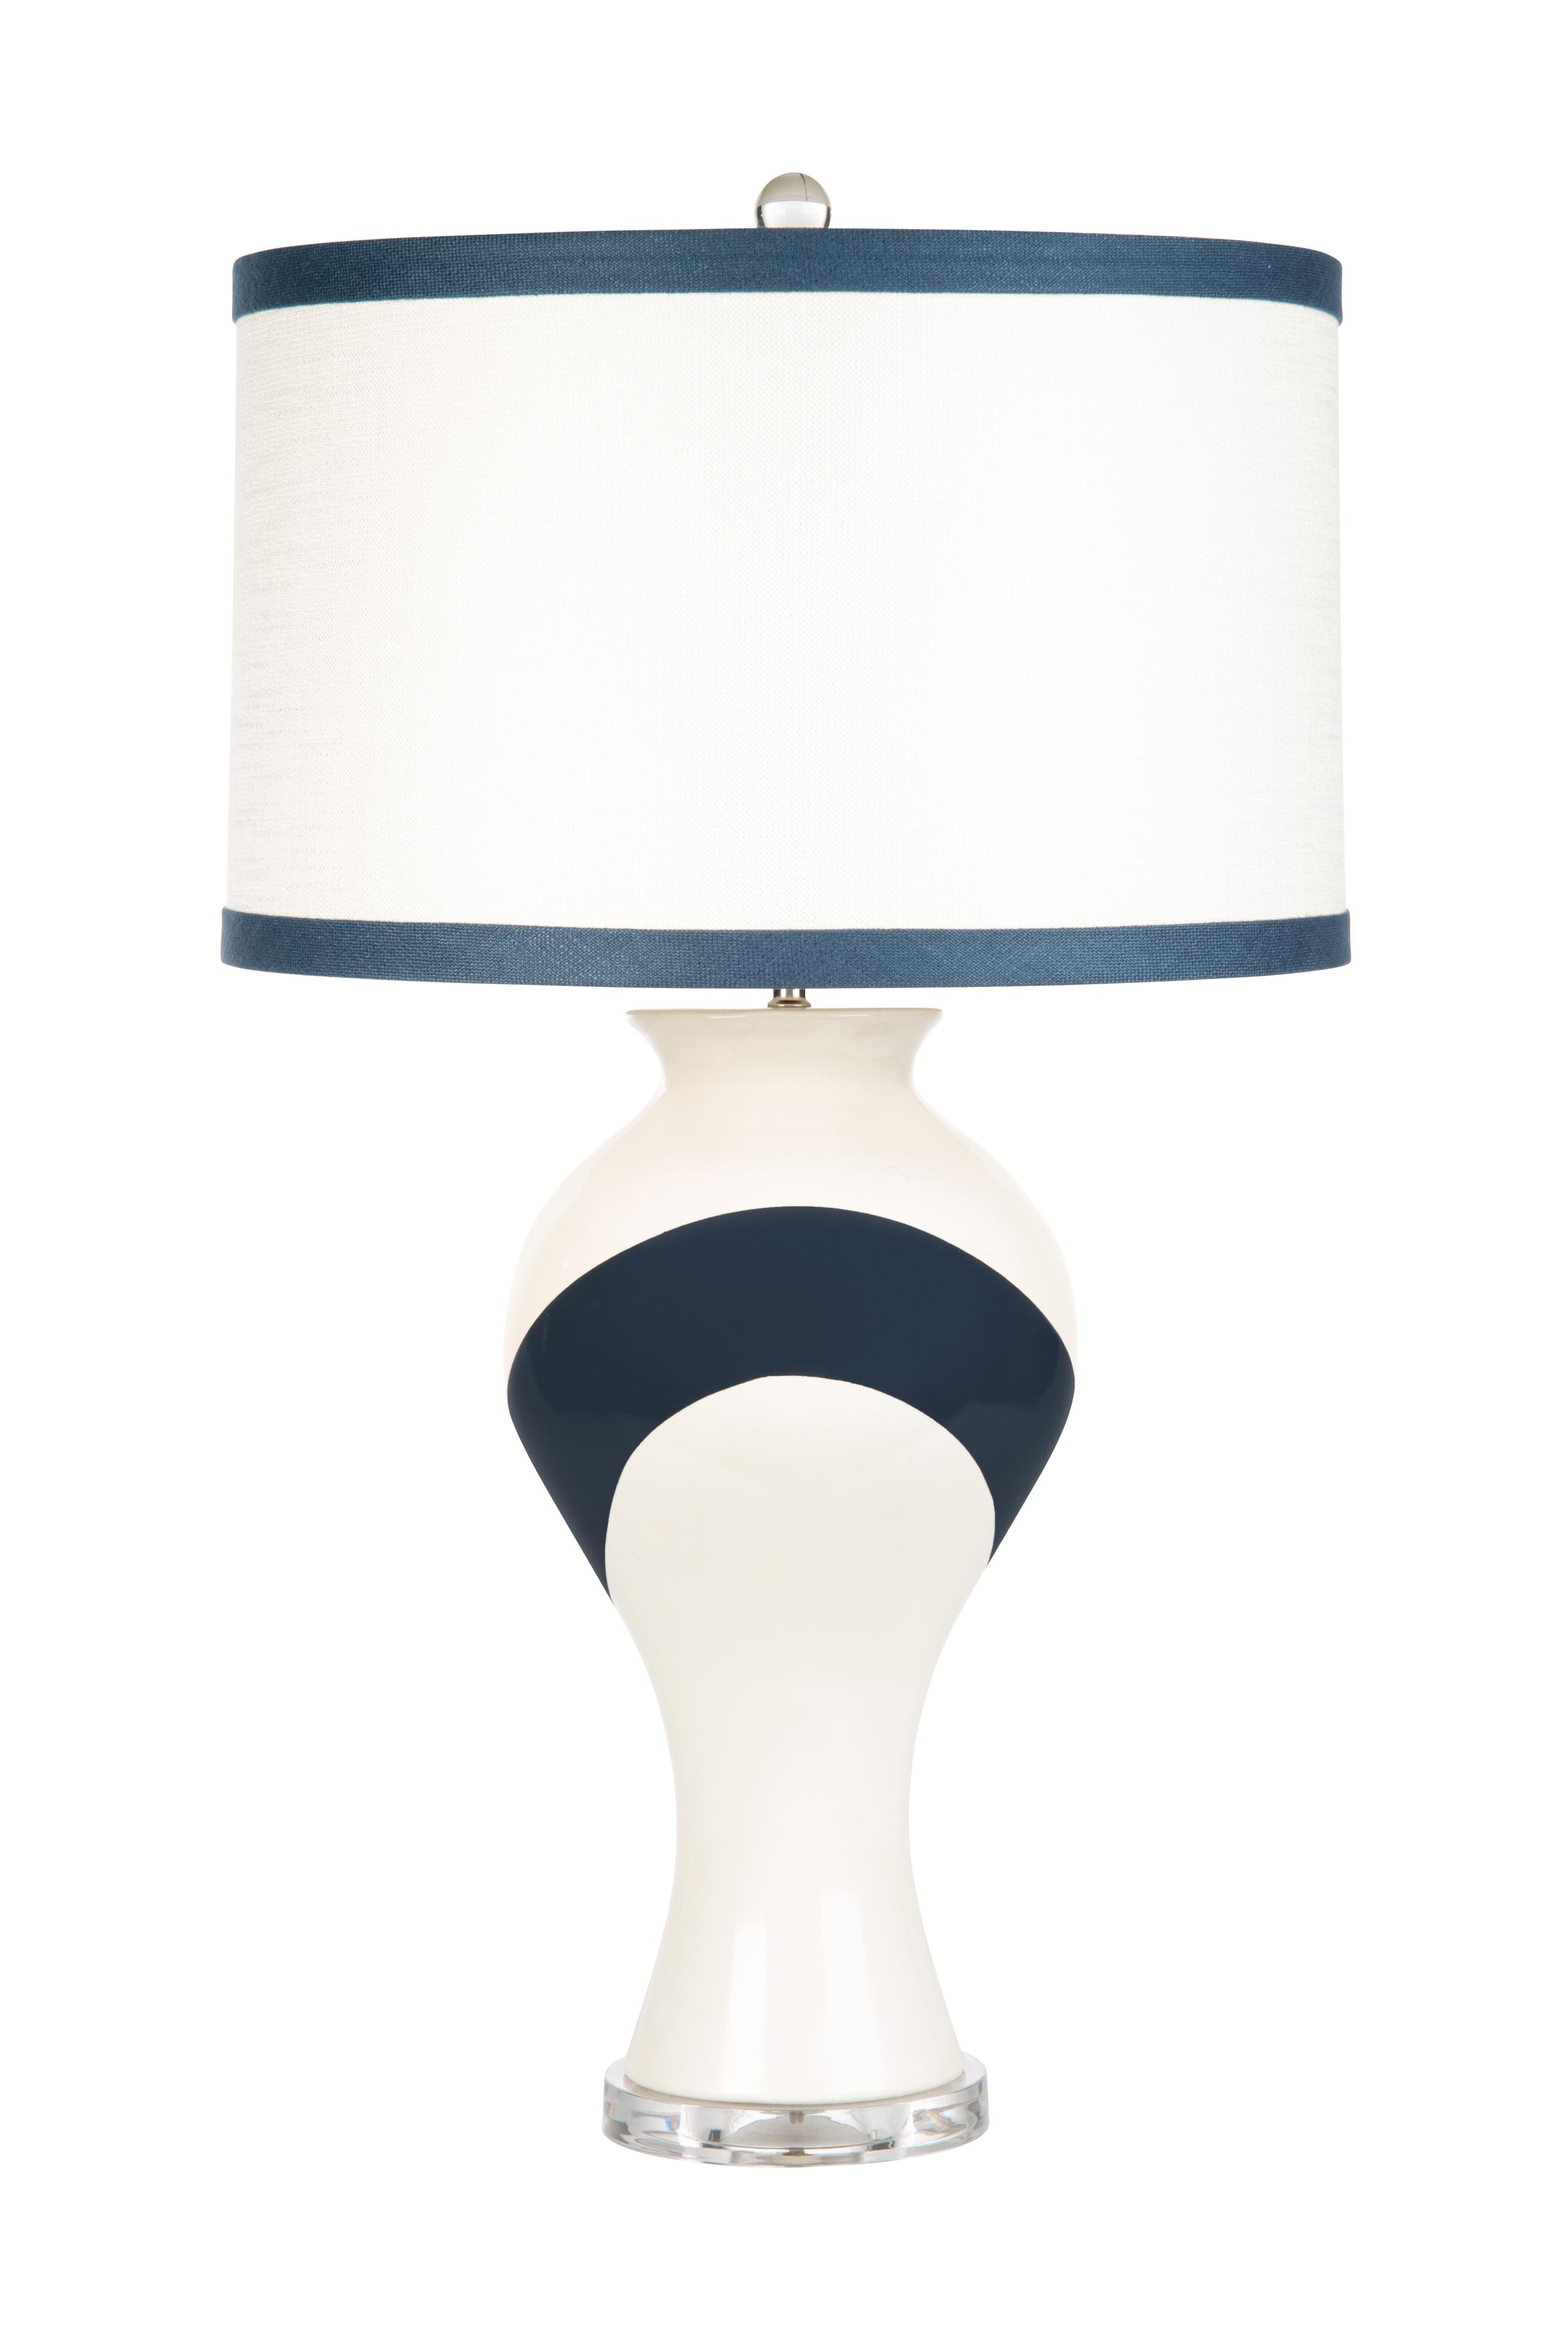 Adair Lamp